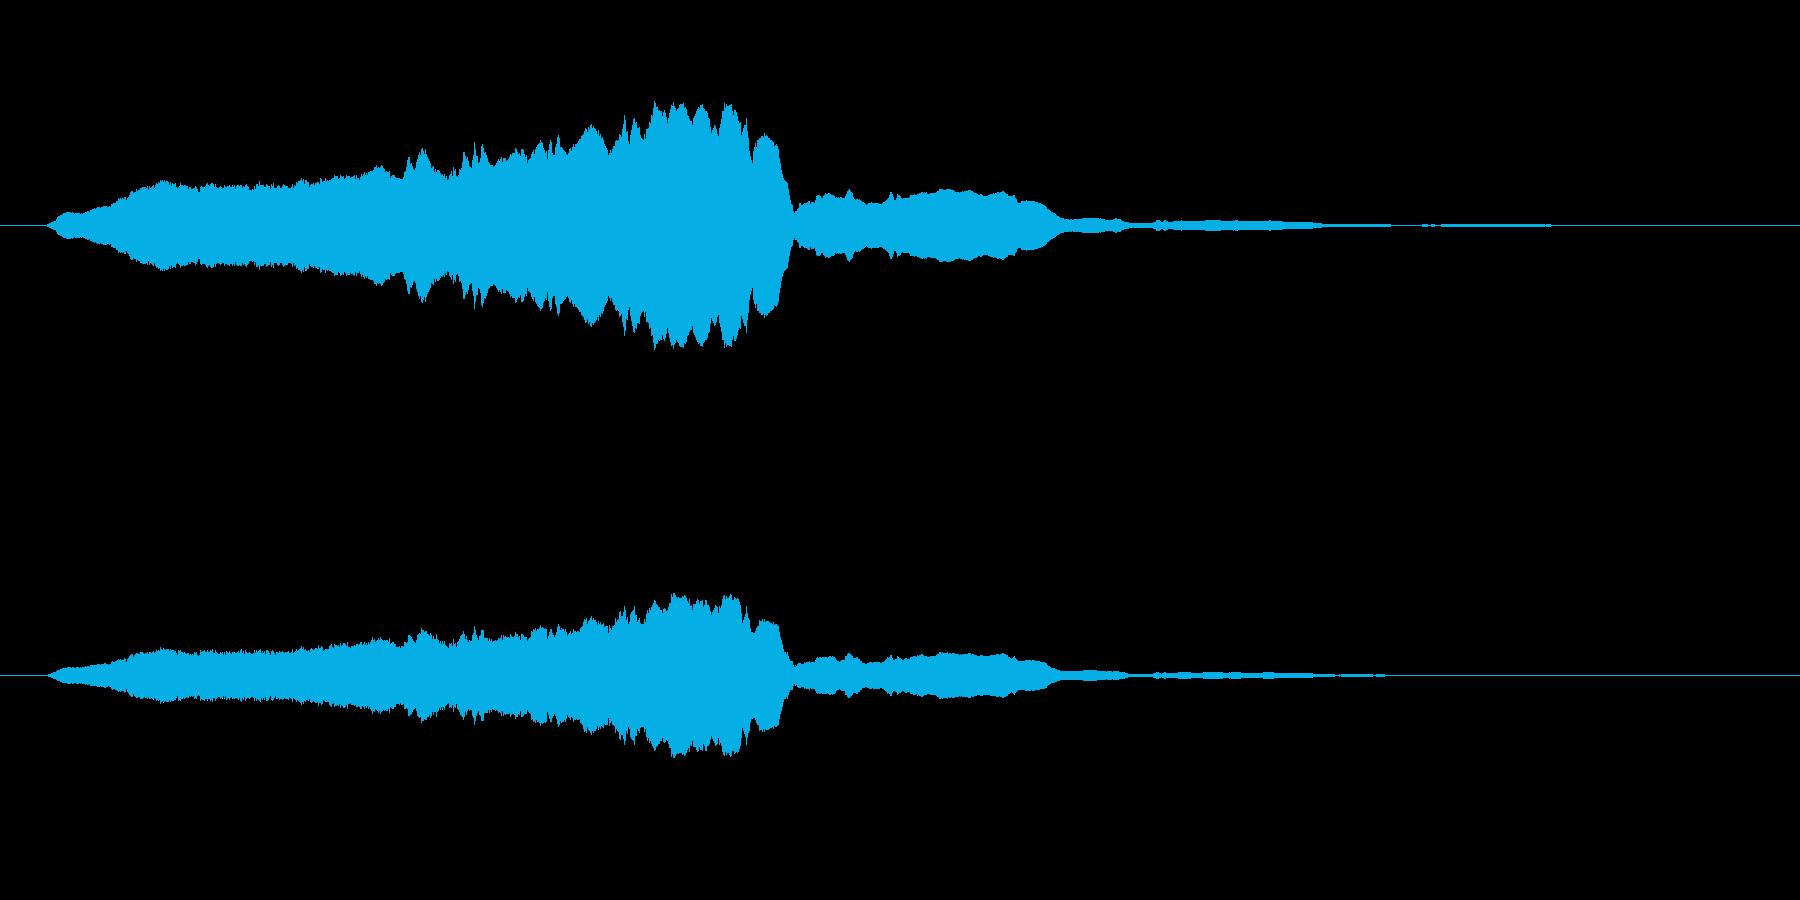 【ブーン】という蚊が飛ぶ音の再生済みの波形